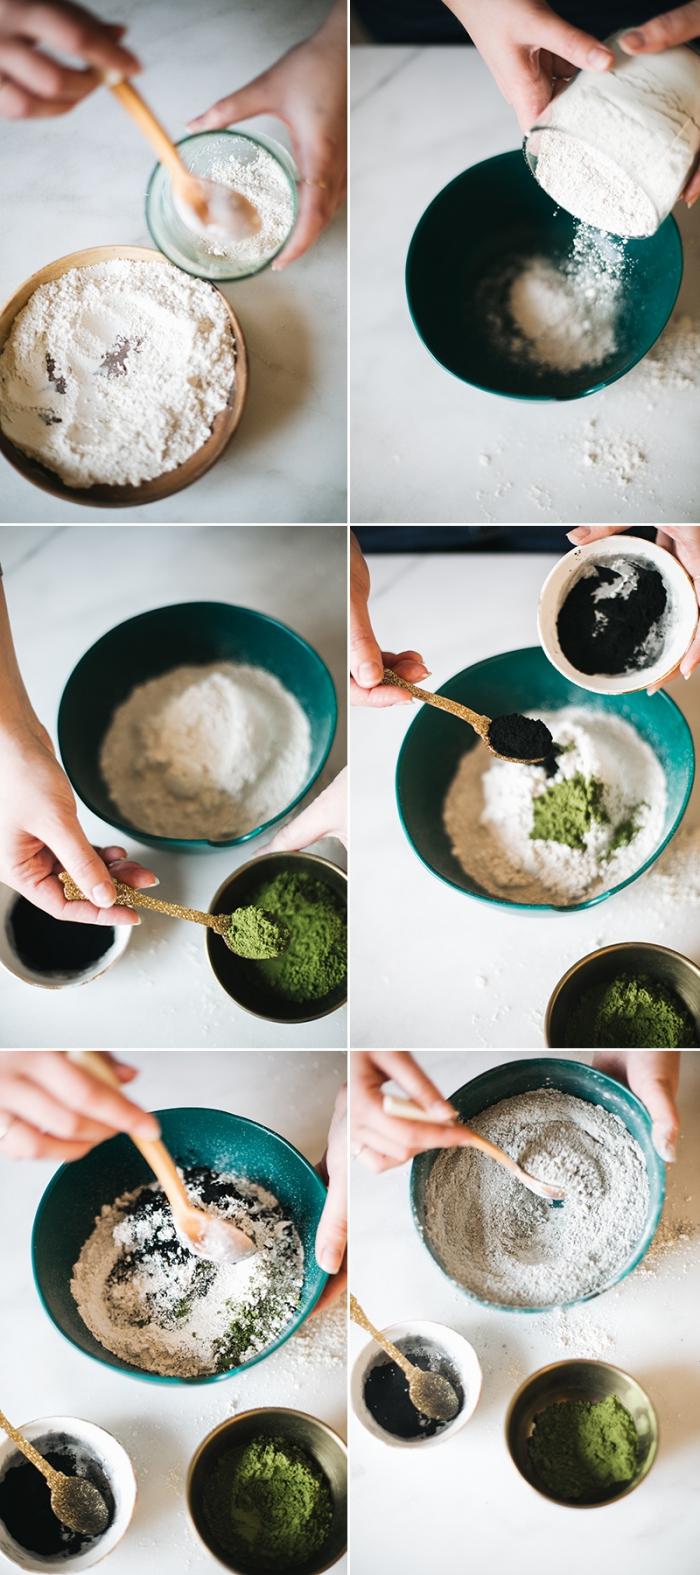 recette de masque fait maison à l'argile, charbon et poudre de thé vert matcha adapté pour tous les types de peaux